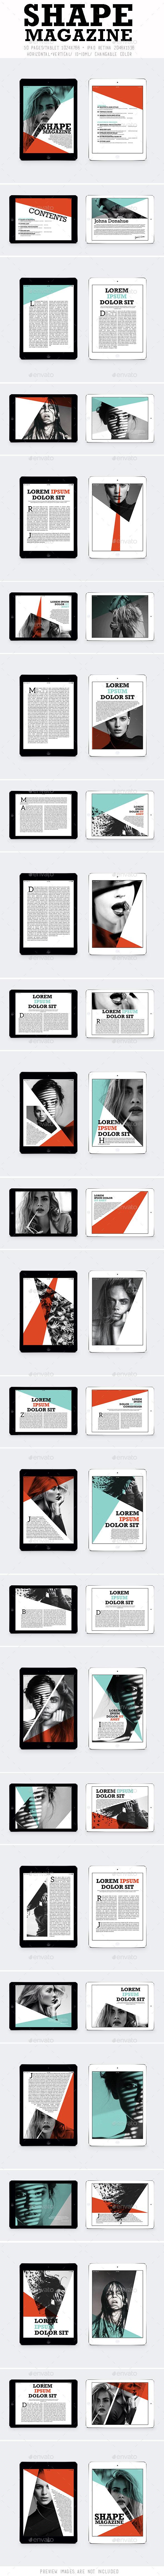 Ipad&Tablet Simple Shape Magazine - Digital Magazines ePublishing